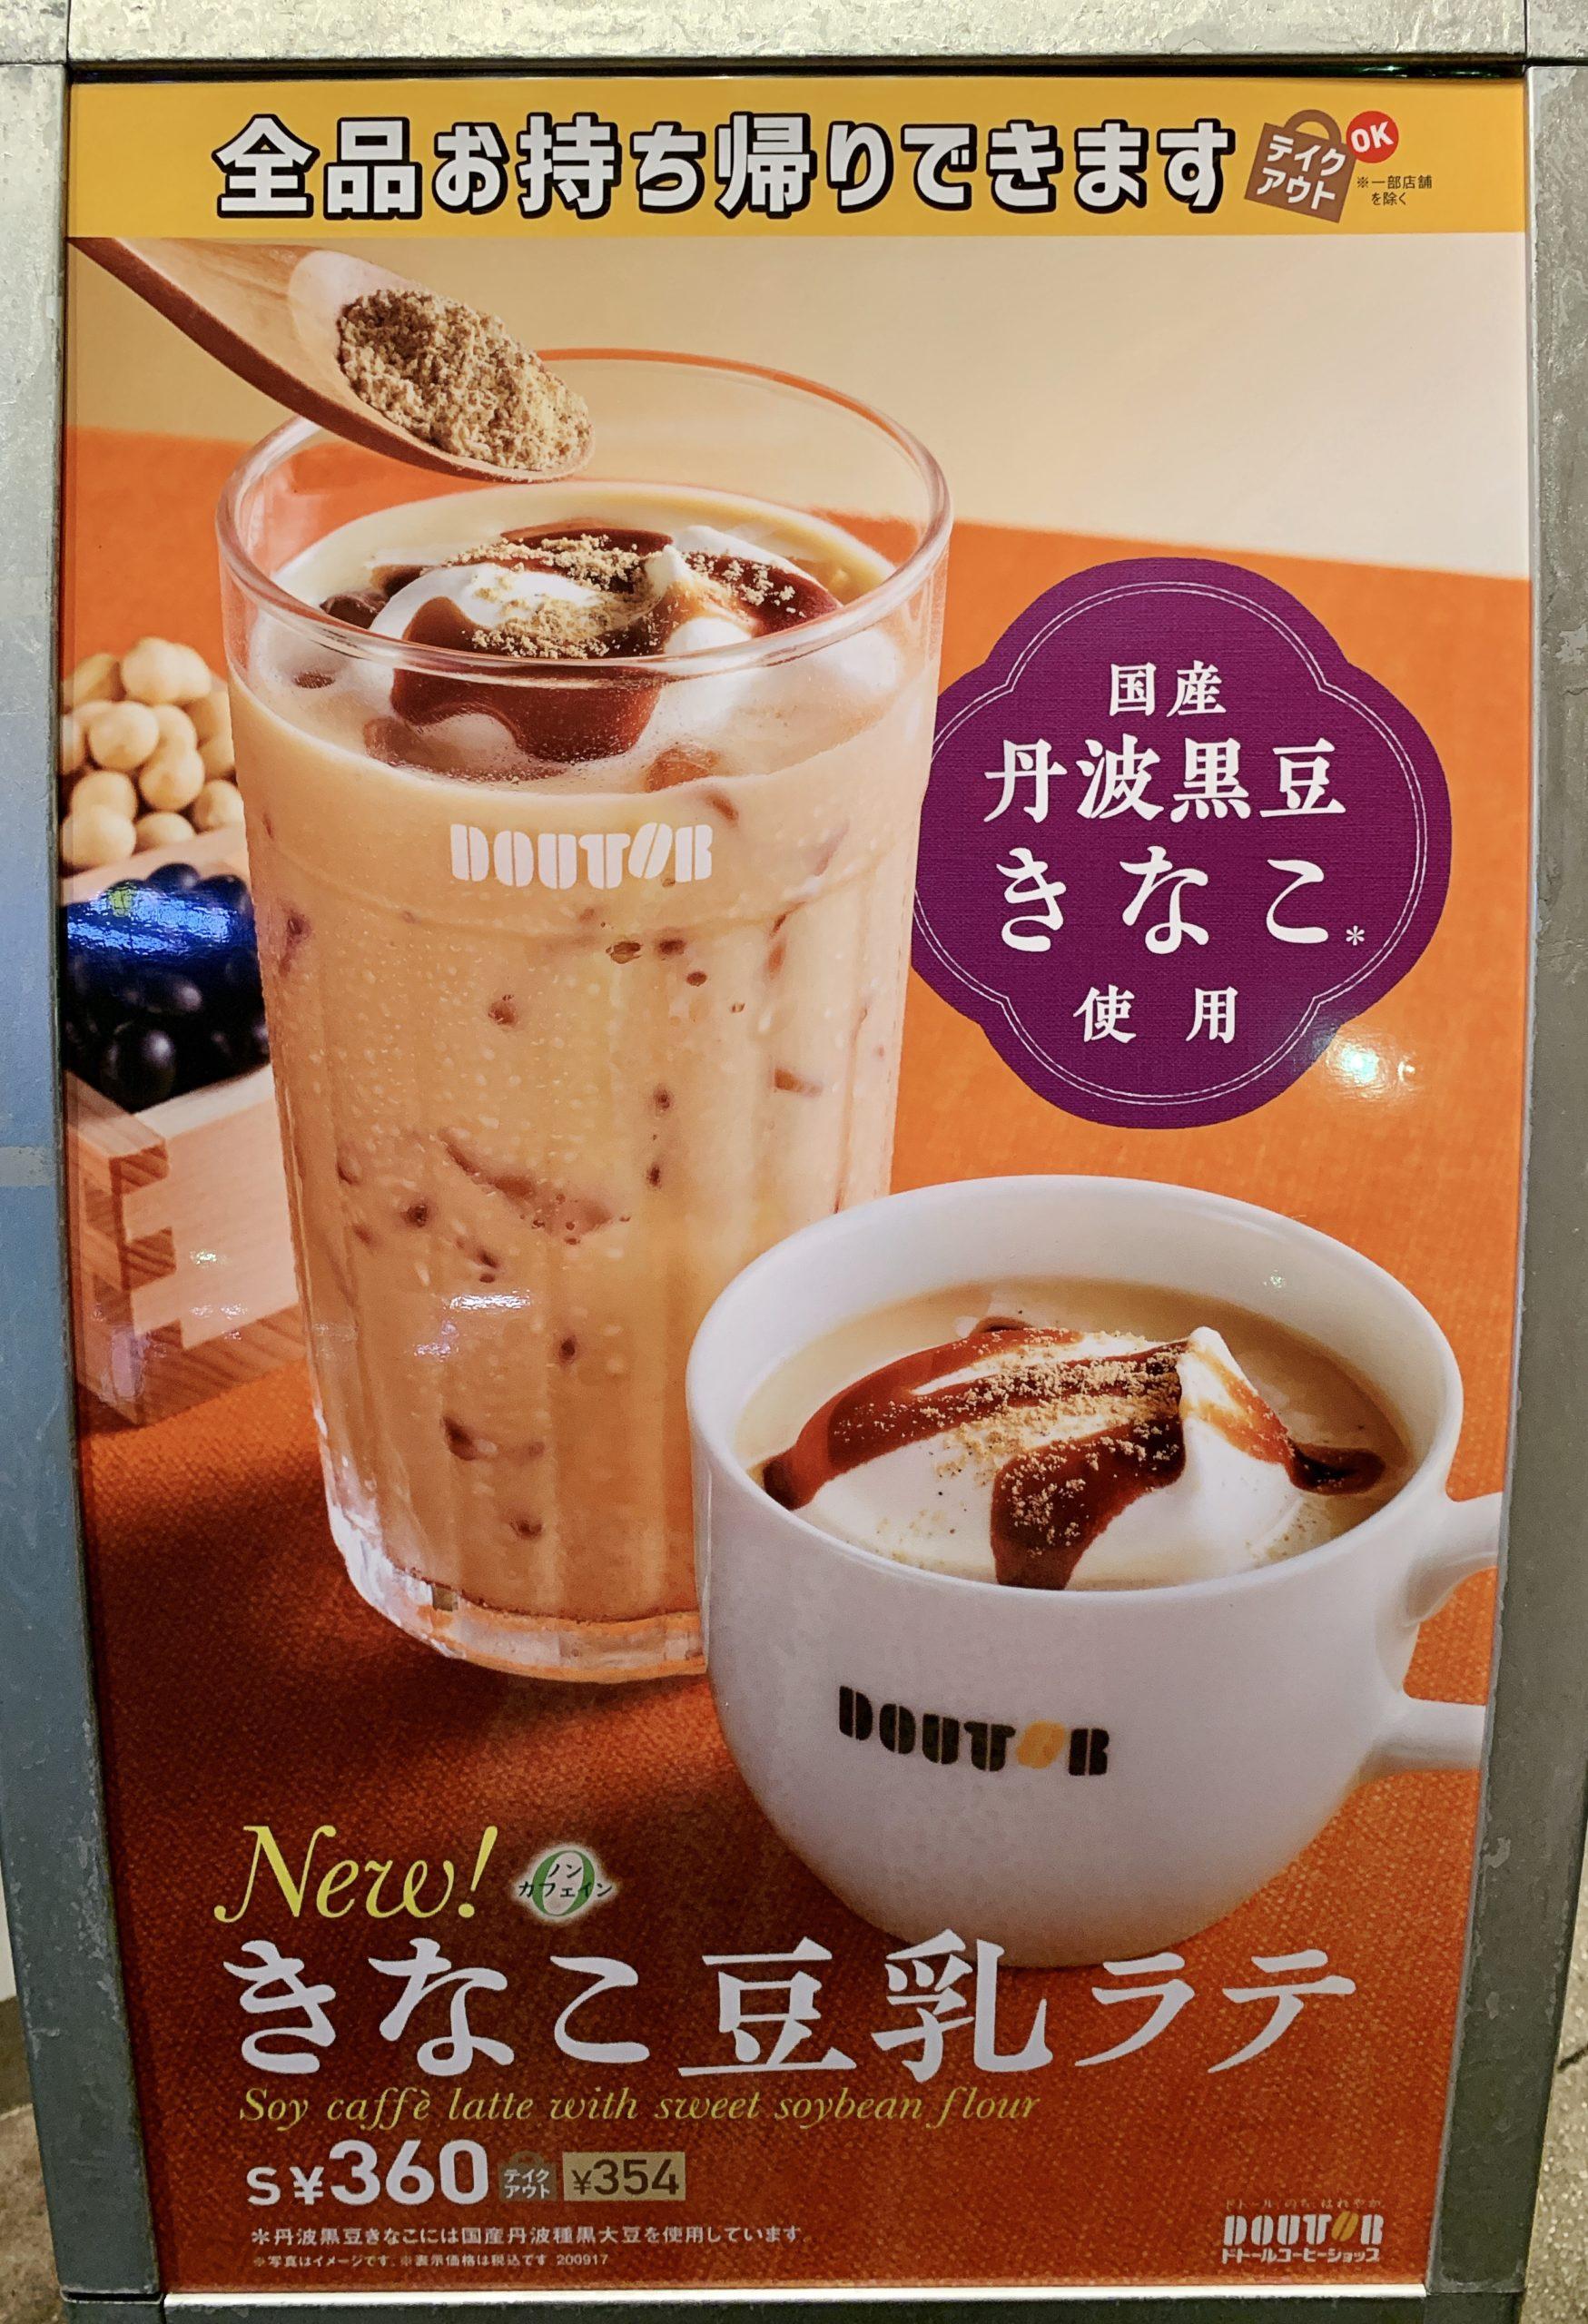 今回の新商品きなこ豆乳ラテはノンカフェインラテ。